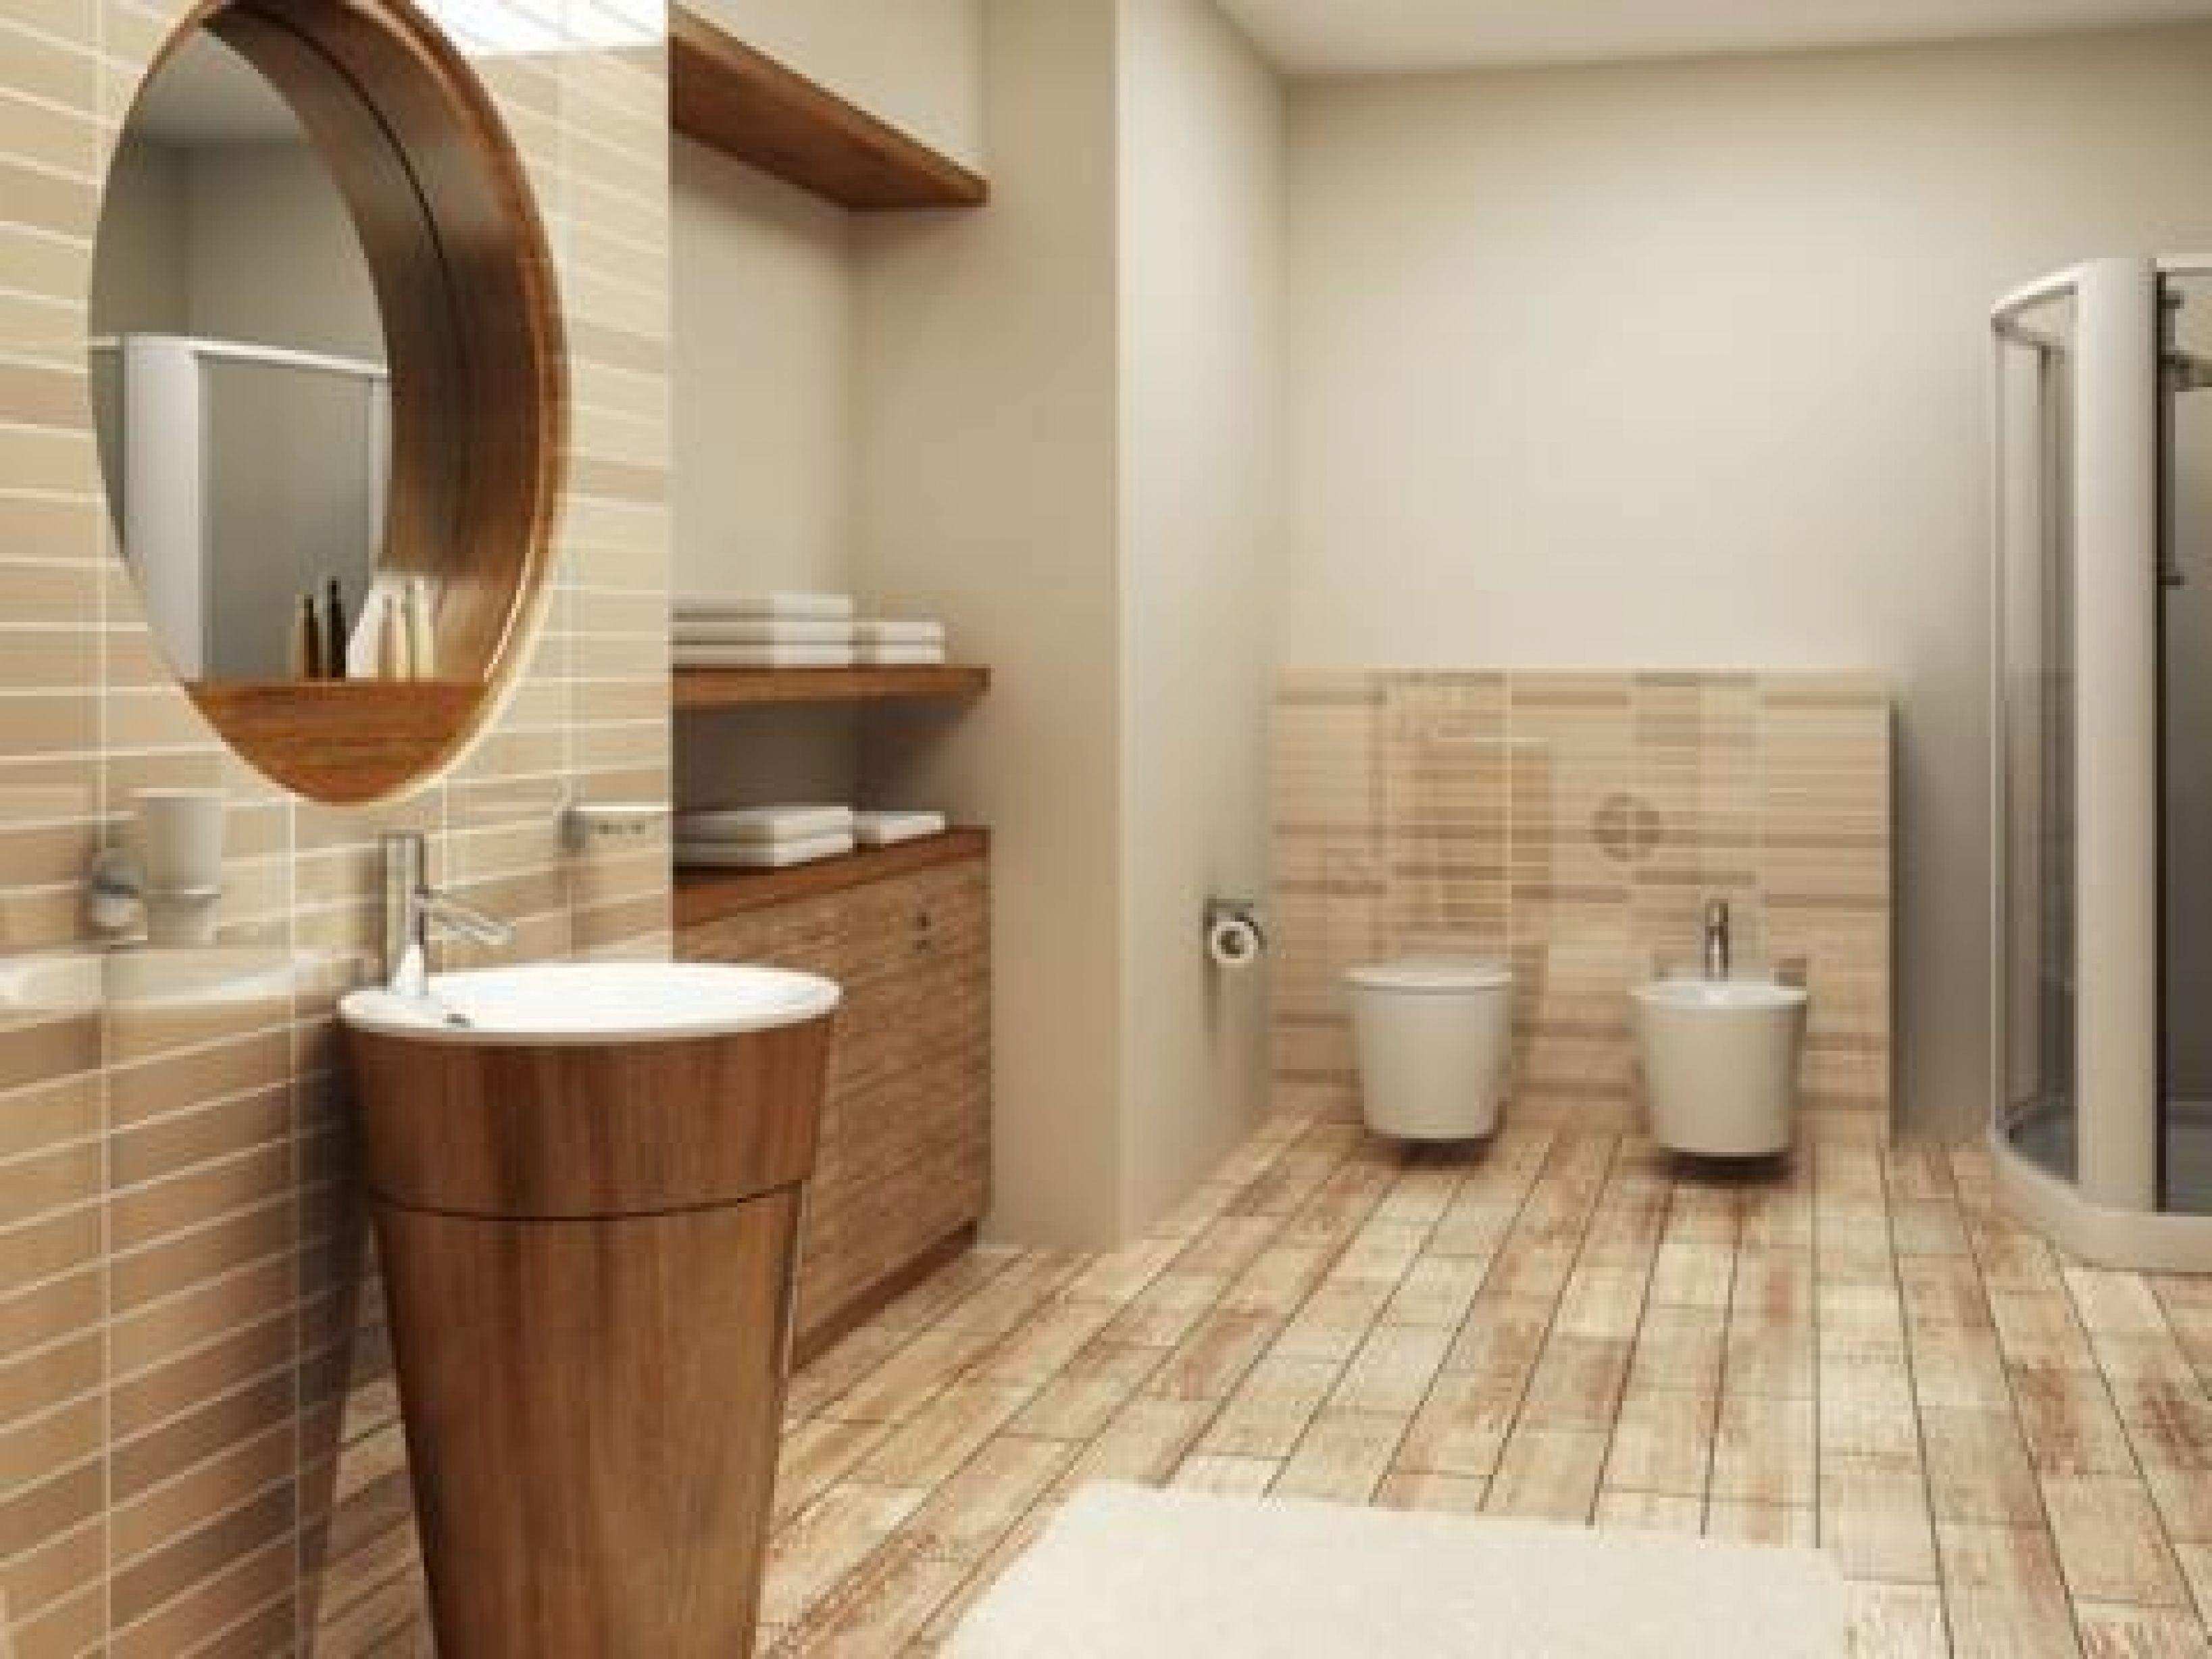 Badezimmer Sanierung Ideen Badezimmer Umgestalten Badezimmerfliesen Ideen Badezimmer Boden